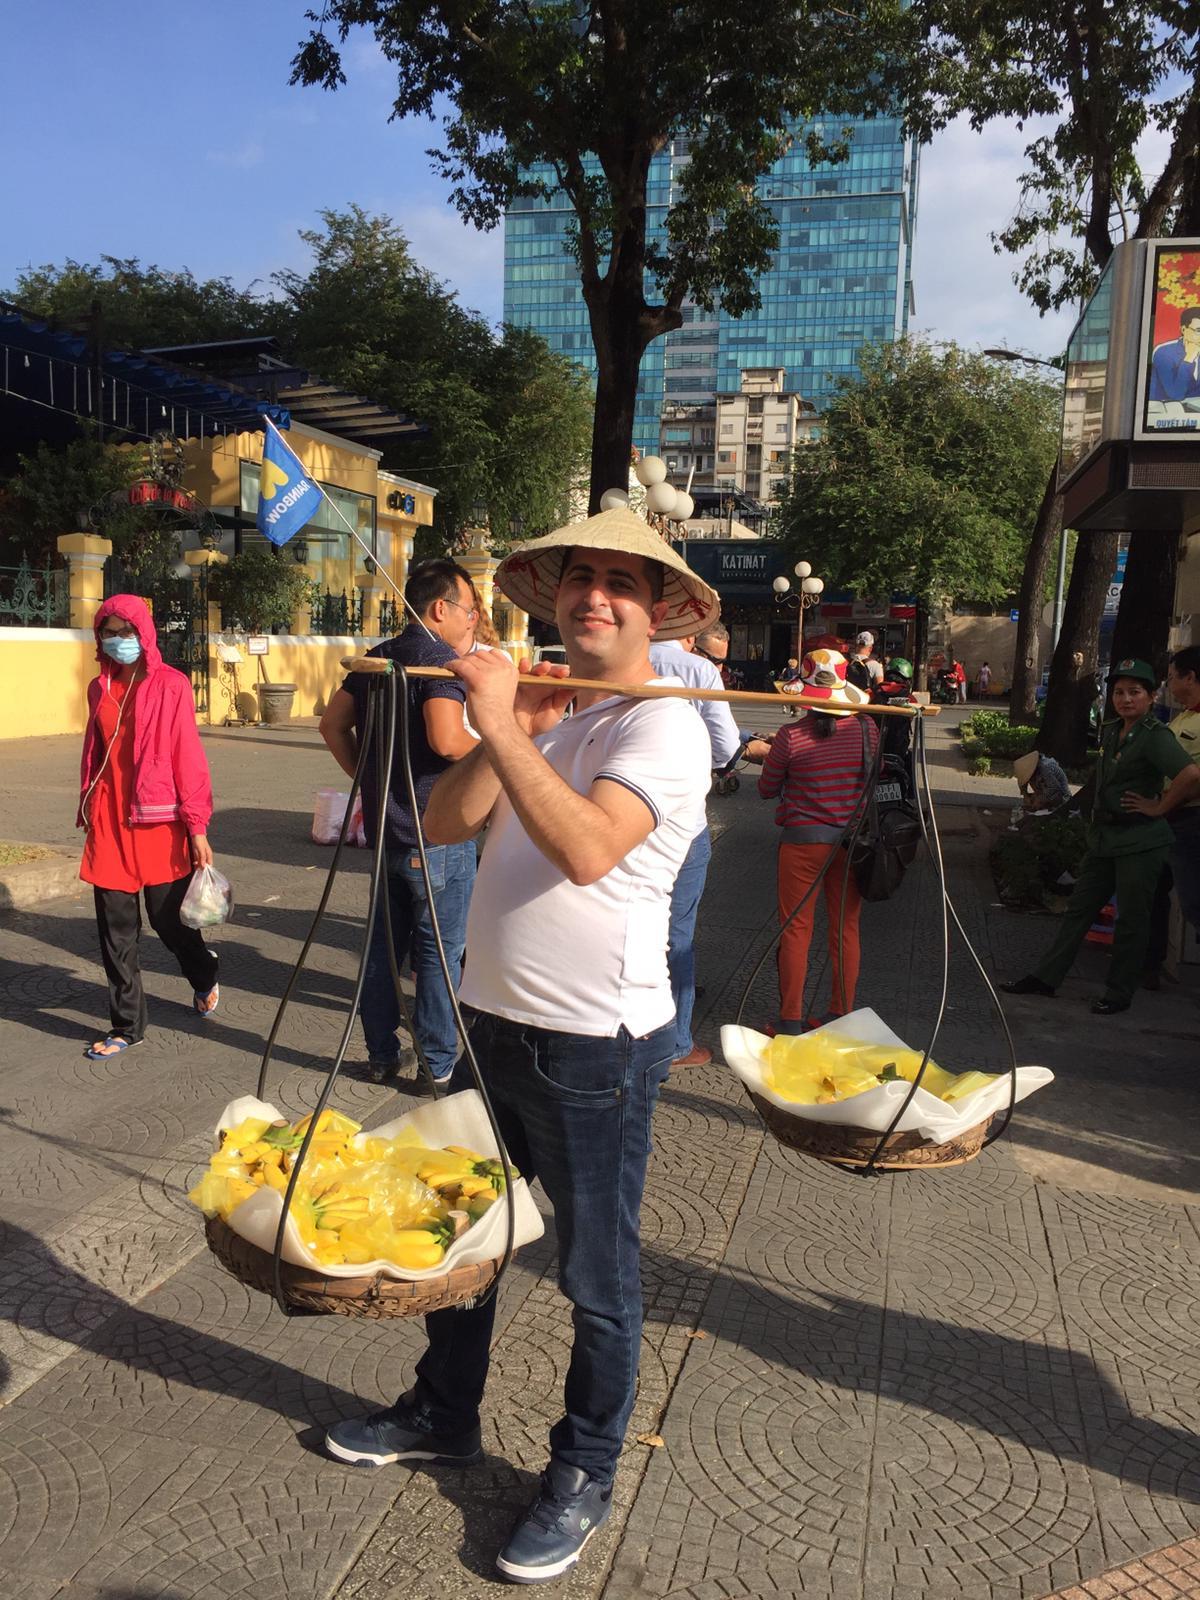 אוכל מקומי בוייטנאם